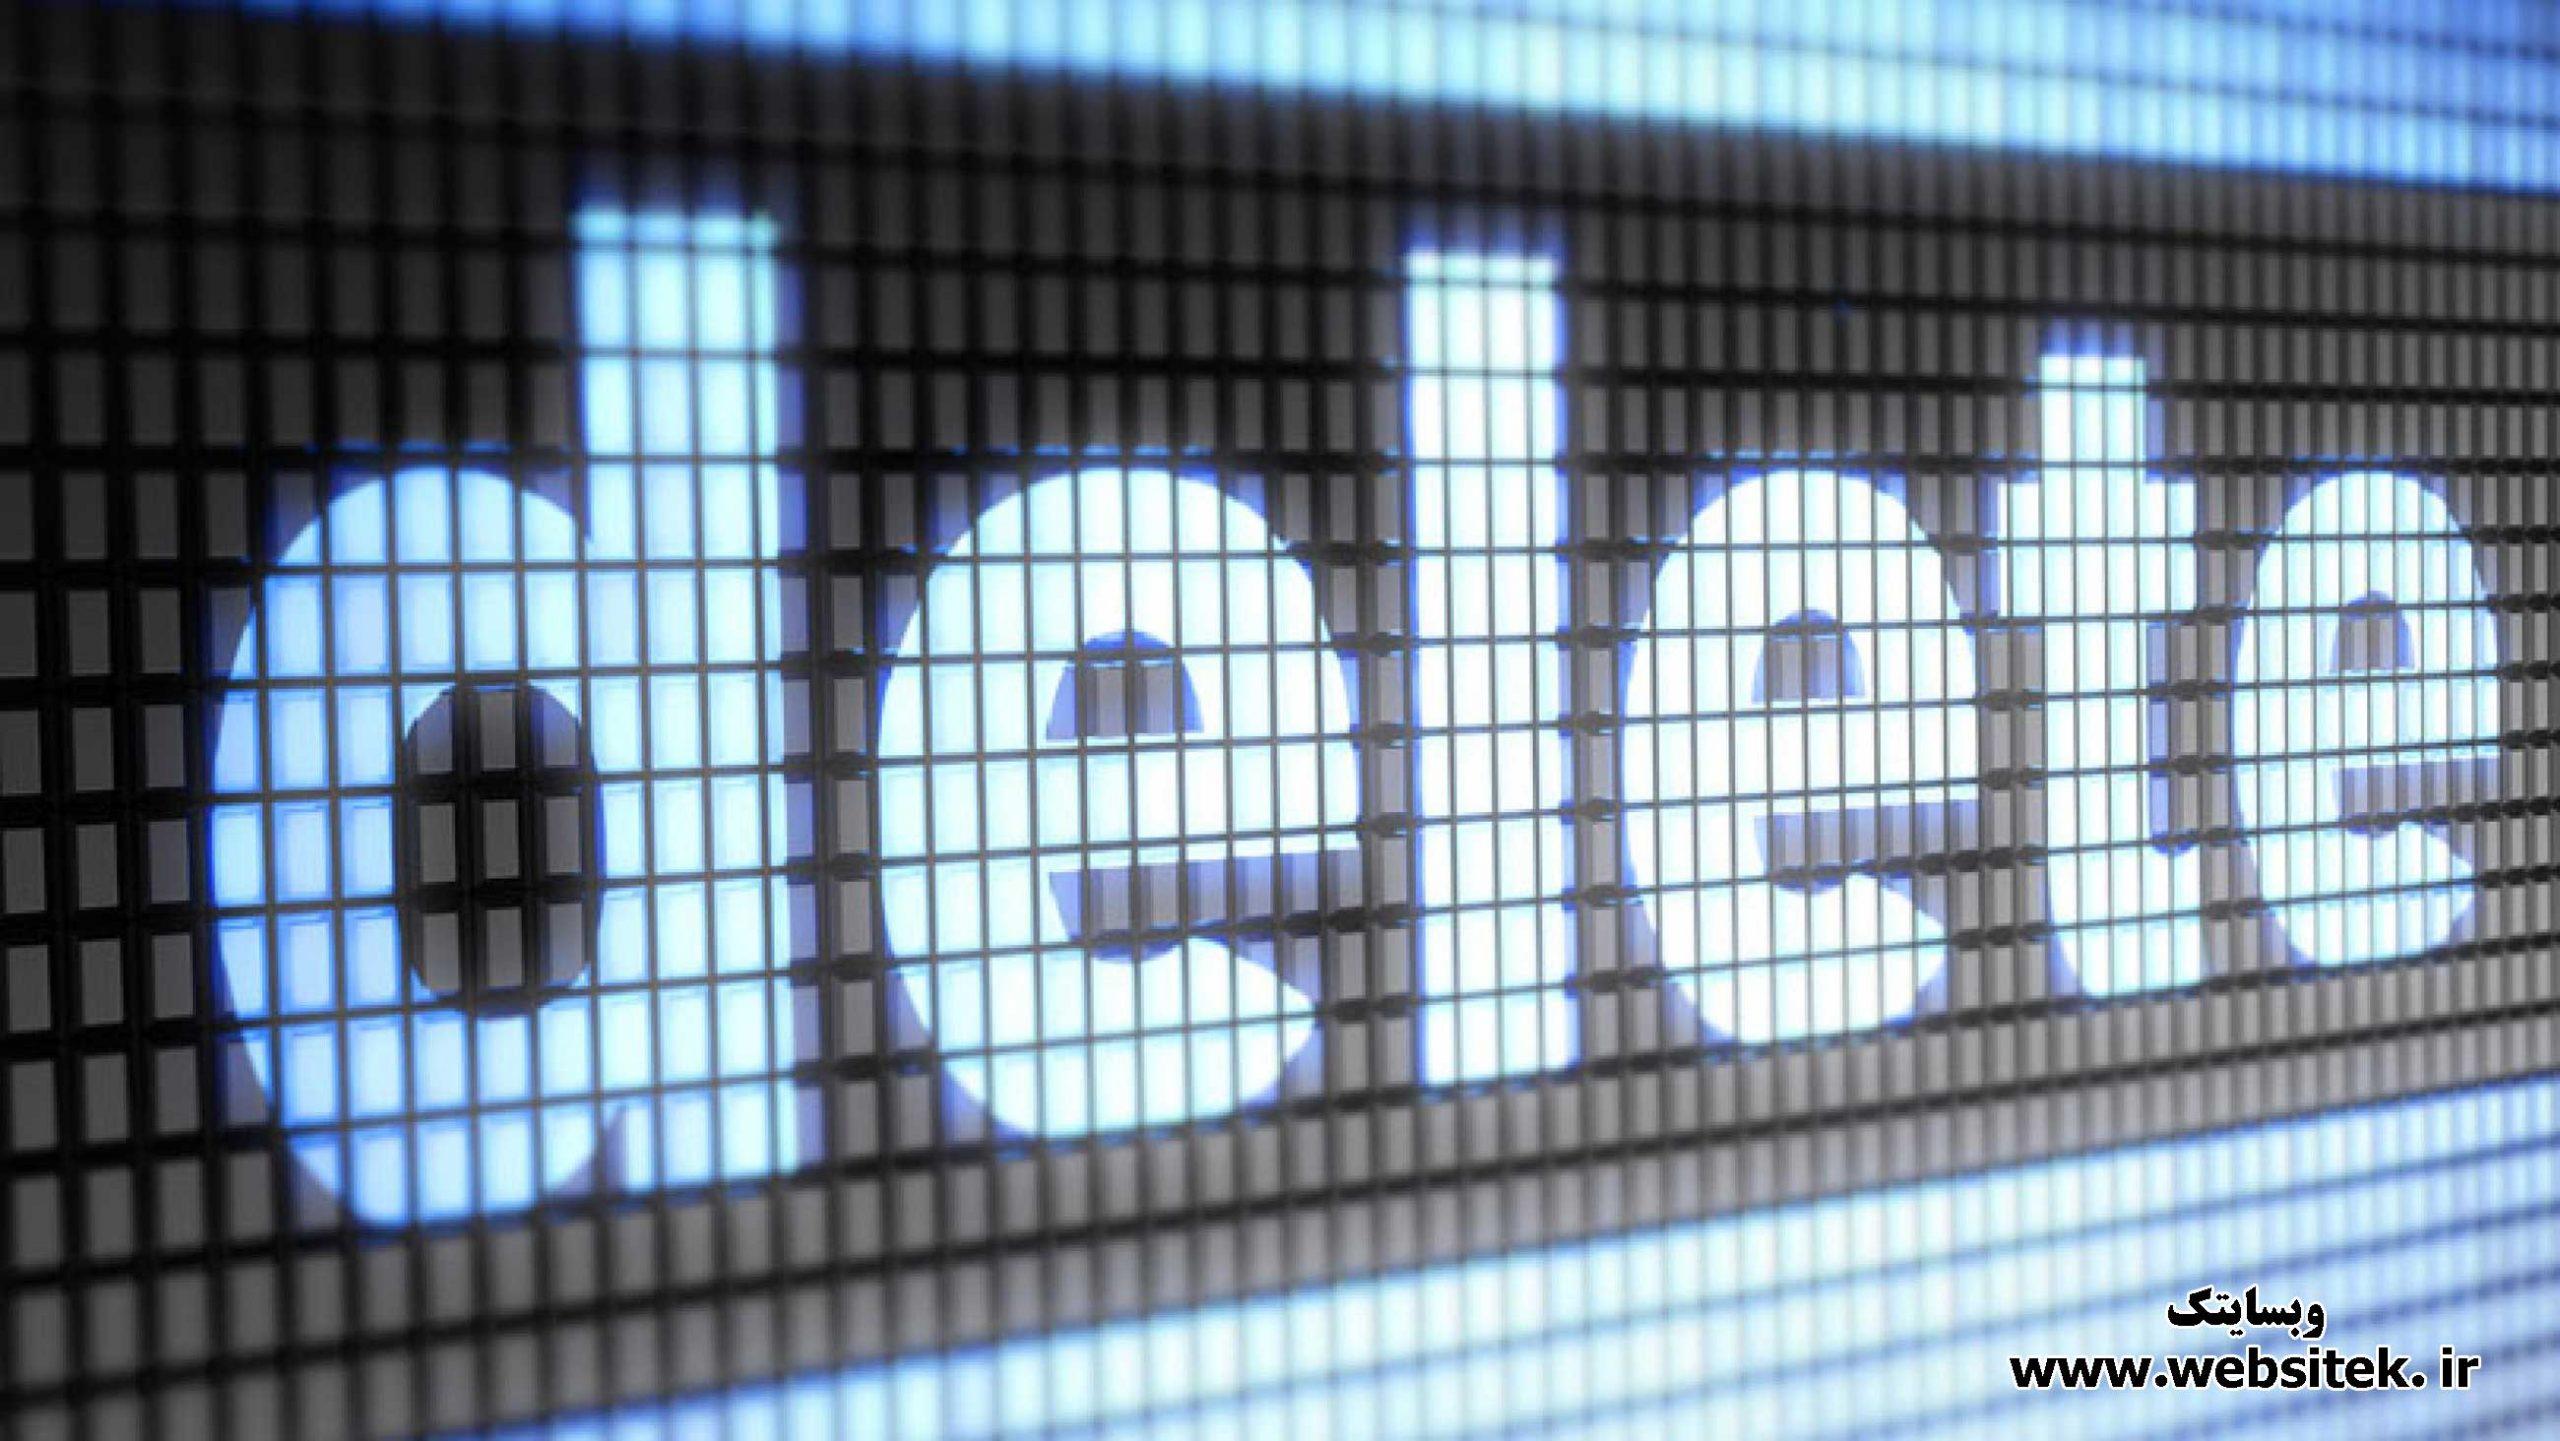 چگونه اطلاعات خود را از فضای آنلاین پاک کنیم؟